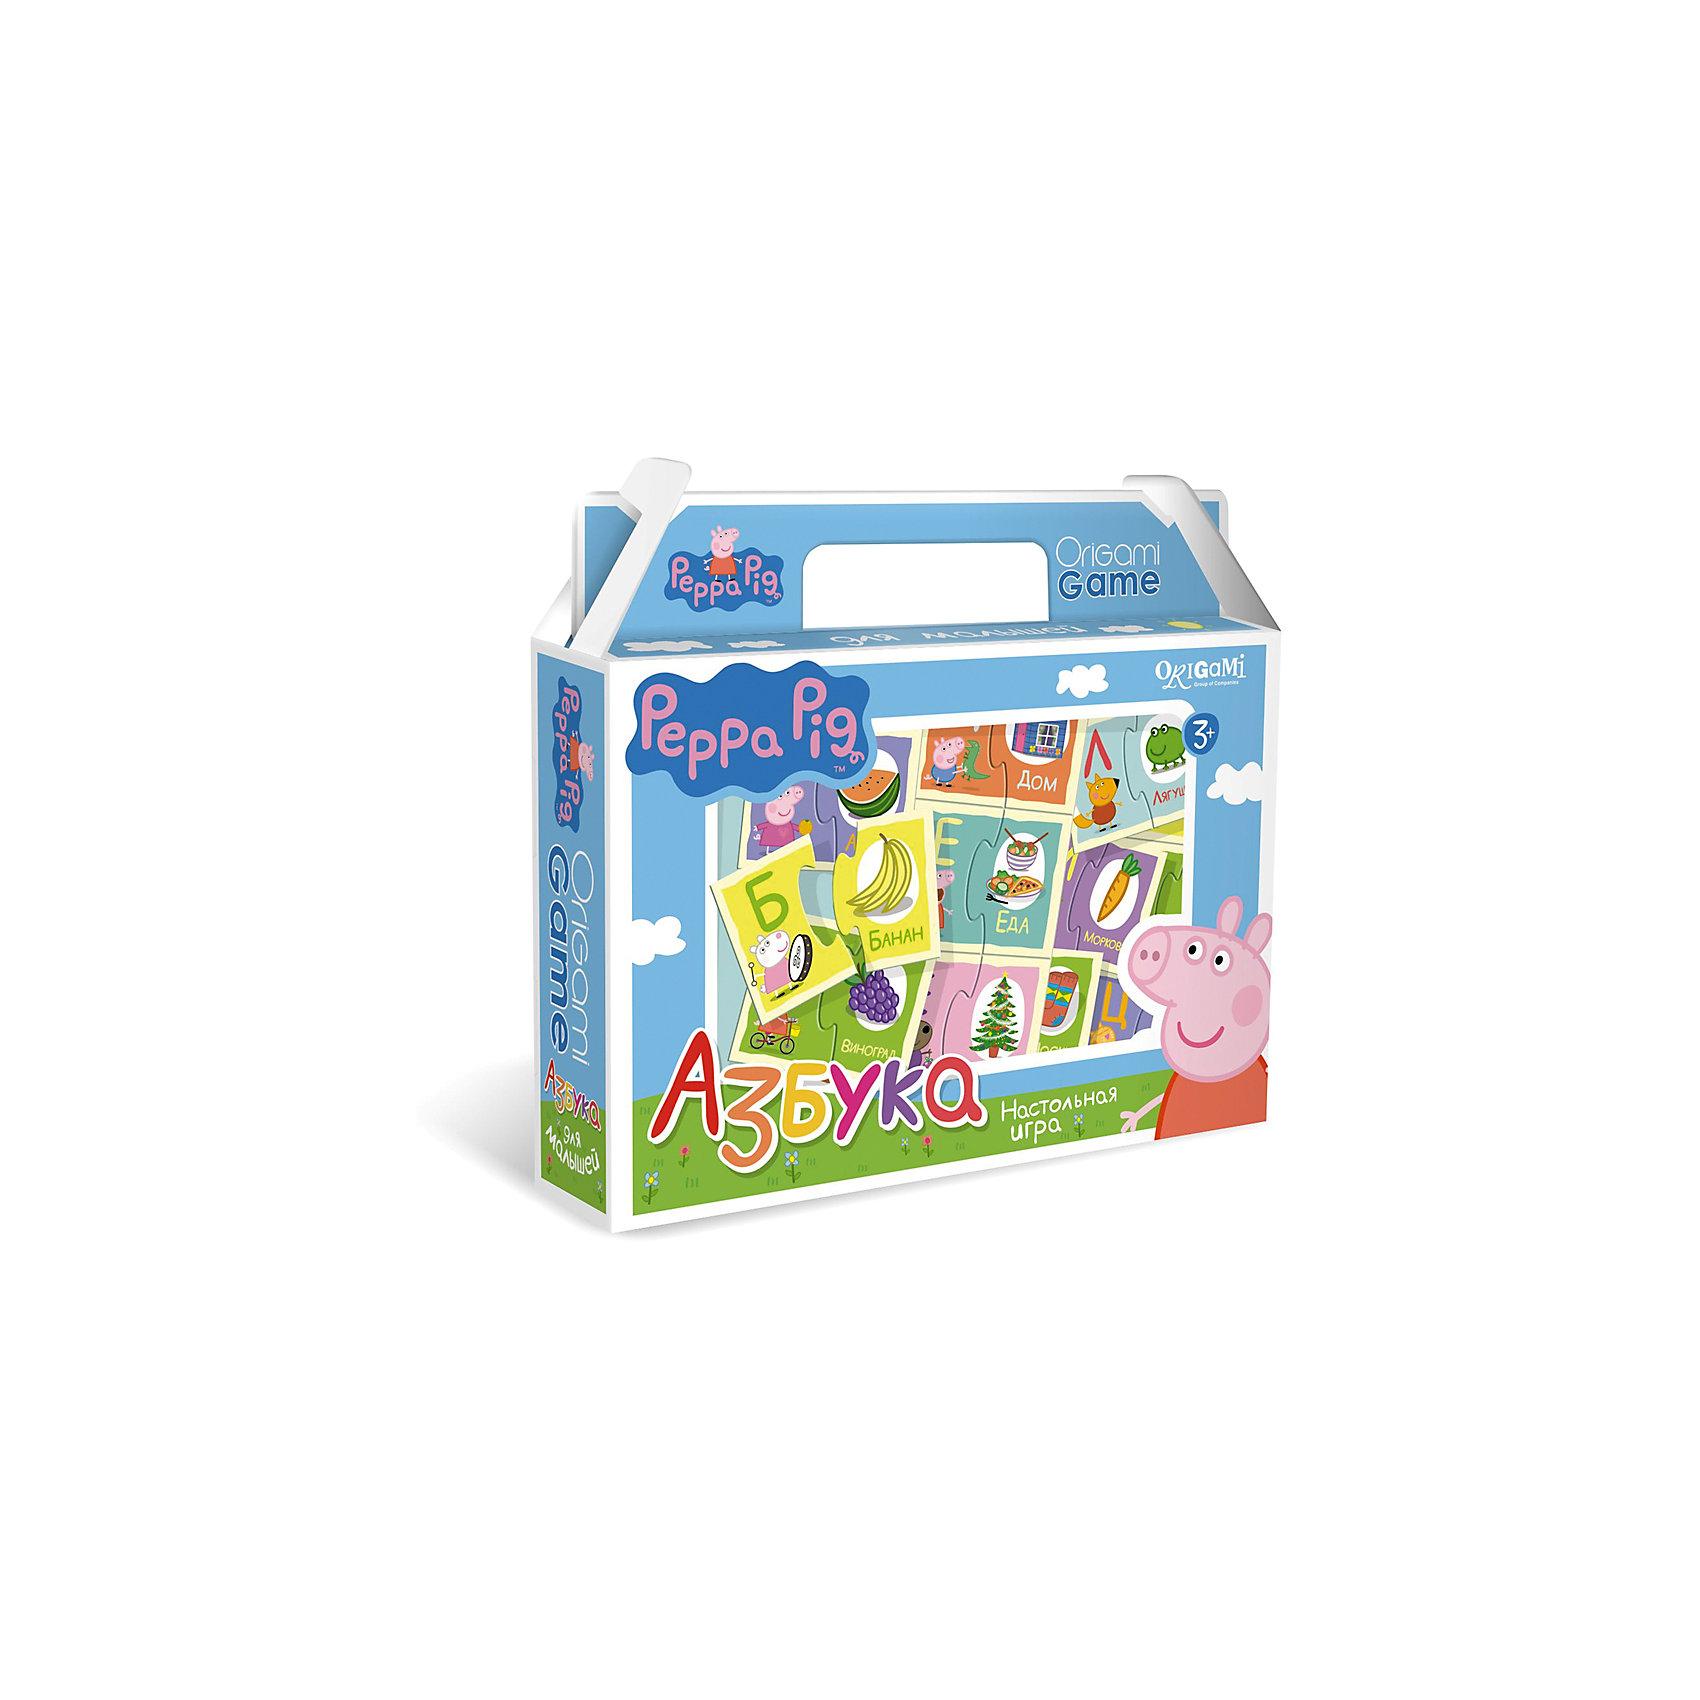 Игра Азбука, Свинка ПеппаИгра Азбука, Свинка Пеппа – это интересная настольная игра, которая обязательно увлечет вашего малыша и поможет ему освоить алфавит.<br>Увлекательная настольная игра Азбука познакомит ребенка с буквами русского алфавита. В набор входят парные карточки: буква и предмет, название которого начинается с этой буквы. Все карточки снабжены пазловыми замками, поэтому ребенок не сможет совершить ошибку в решении и совместить неподходящие друг другу детали. Это игра поможет улучшить свои знания тем, кто уже знает азбуку, и научит тех, кто только начинает учить алфавит.<br><br>Дополнительная информация:<br><br>- В наборе: 64 карточки с пазловыми замками<br>- Материал: картон<br>- Размер коробки: 22x20x5 мм.<br>- Вес: 175 гр.<br><br>Игру Азбука, Свинка Пеппа можно купить в нашем интернет-магазине.<br><br>Ширина мм: 220<br>Глубина мм: 200<br>Высота мм: 50<br>Вес г: 175<br>Возраст от месяцев: 36<br>Возраст до месяцев: 96<br>Пол: Унисекс<br>Возраст: Детский<br>SKU: 4335016